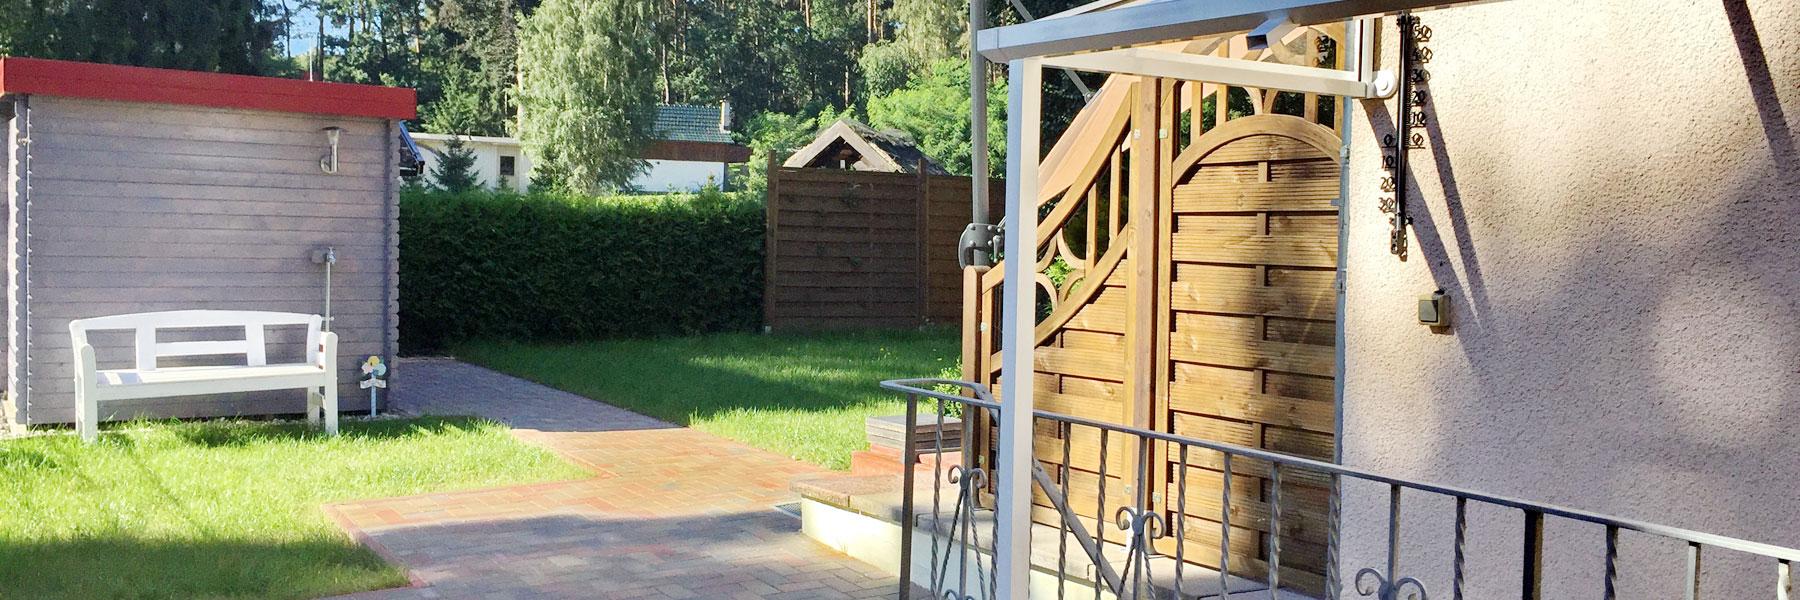 Garten - Ferienhaus Quetzina